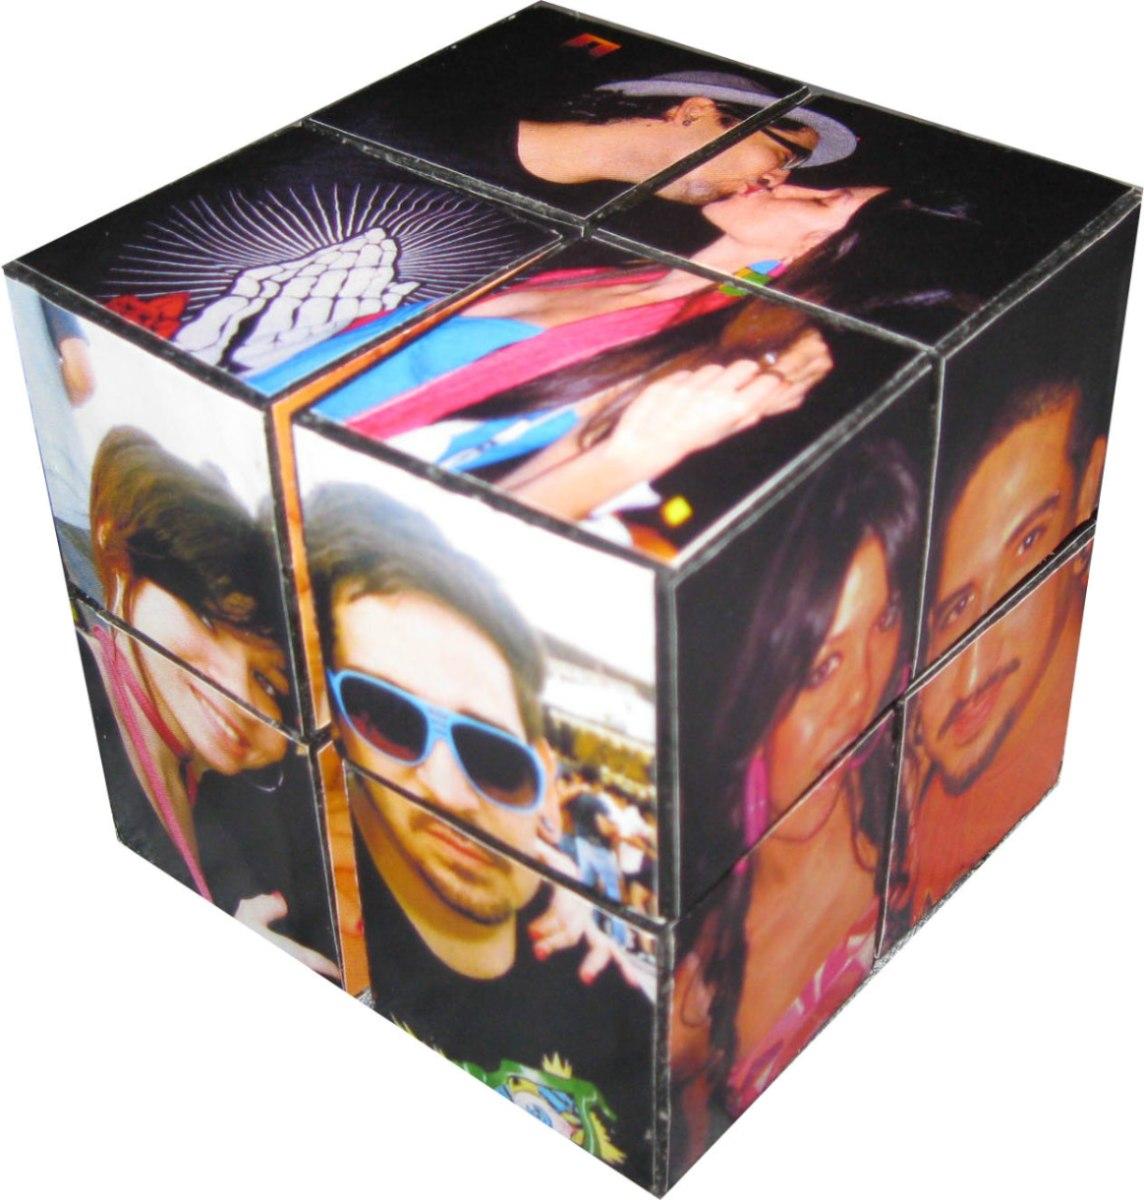 Cubo portaretratos movible personalizado en for Regalo muebles usados